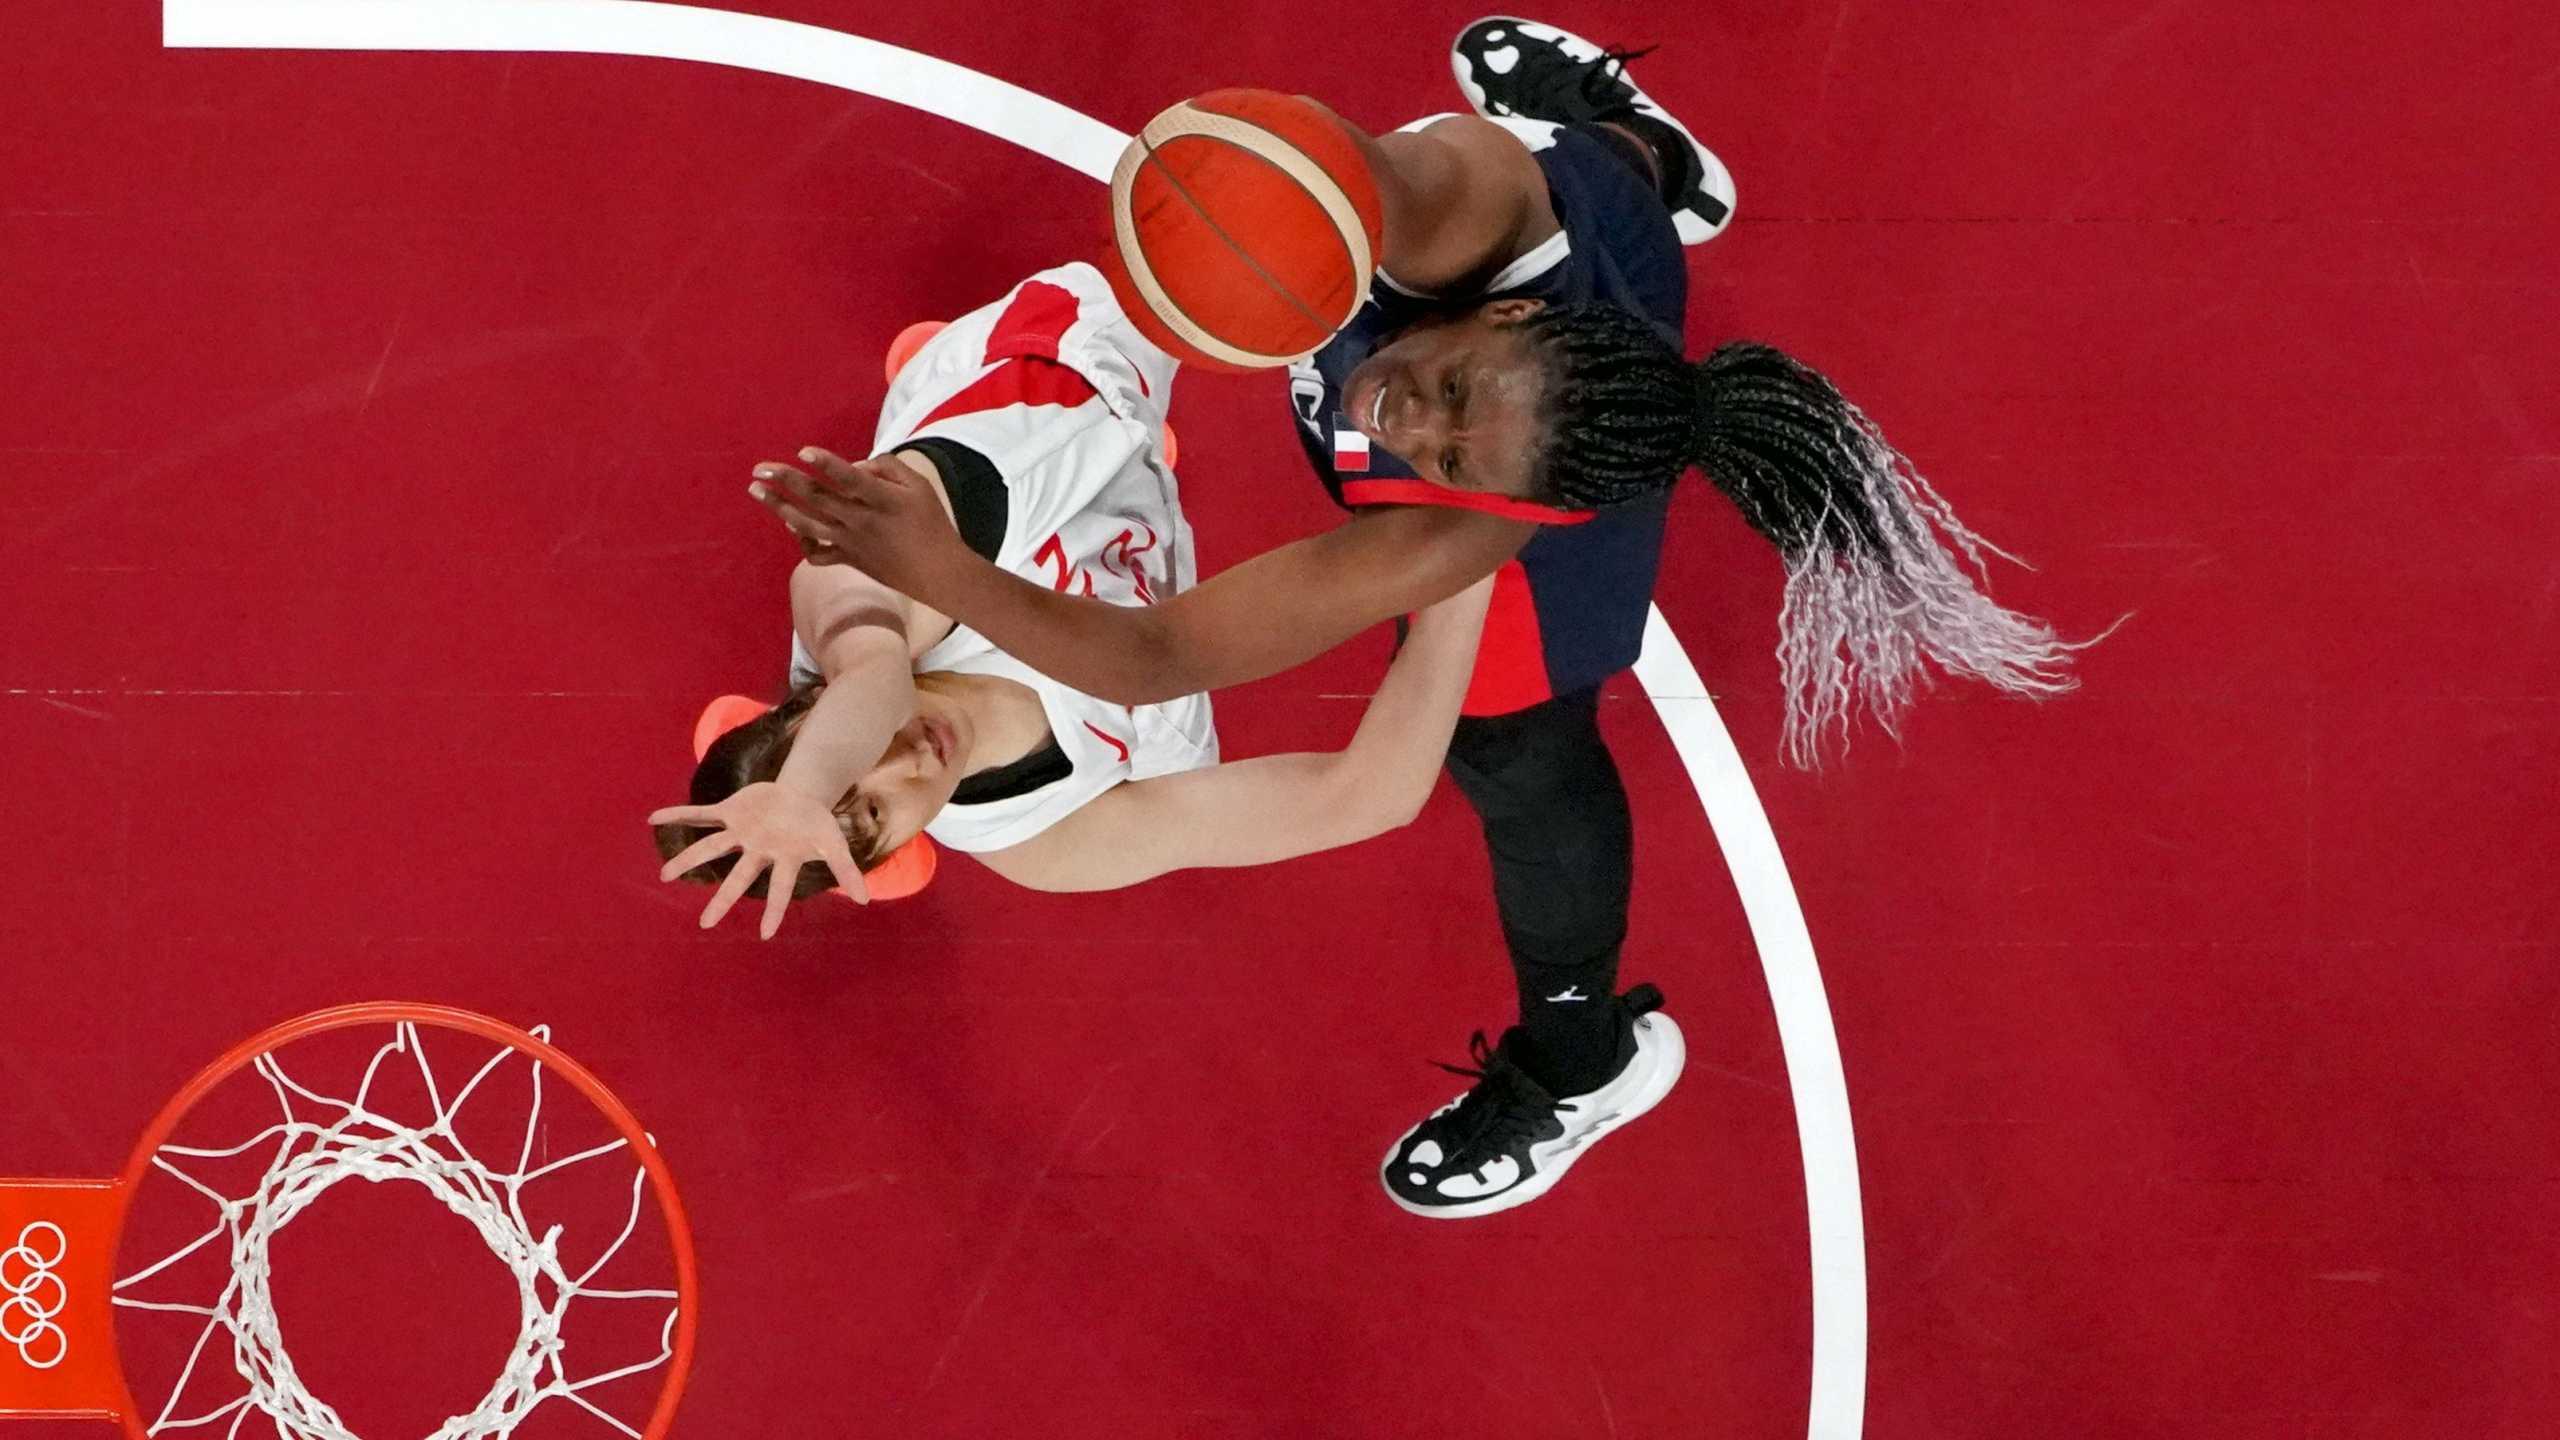 Ολυμπιακοί Αγώνες: Οι τελικοί σε μπάσκετ, βόλεϊ και χάντμπολ γυναικών